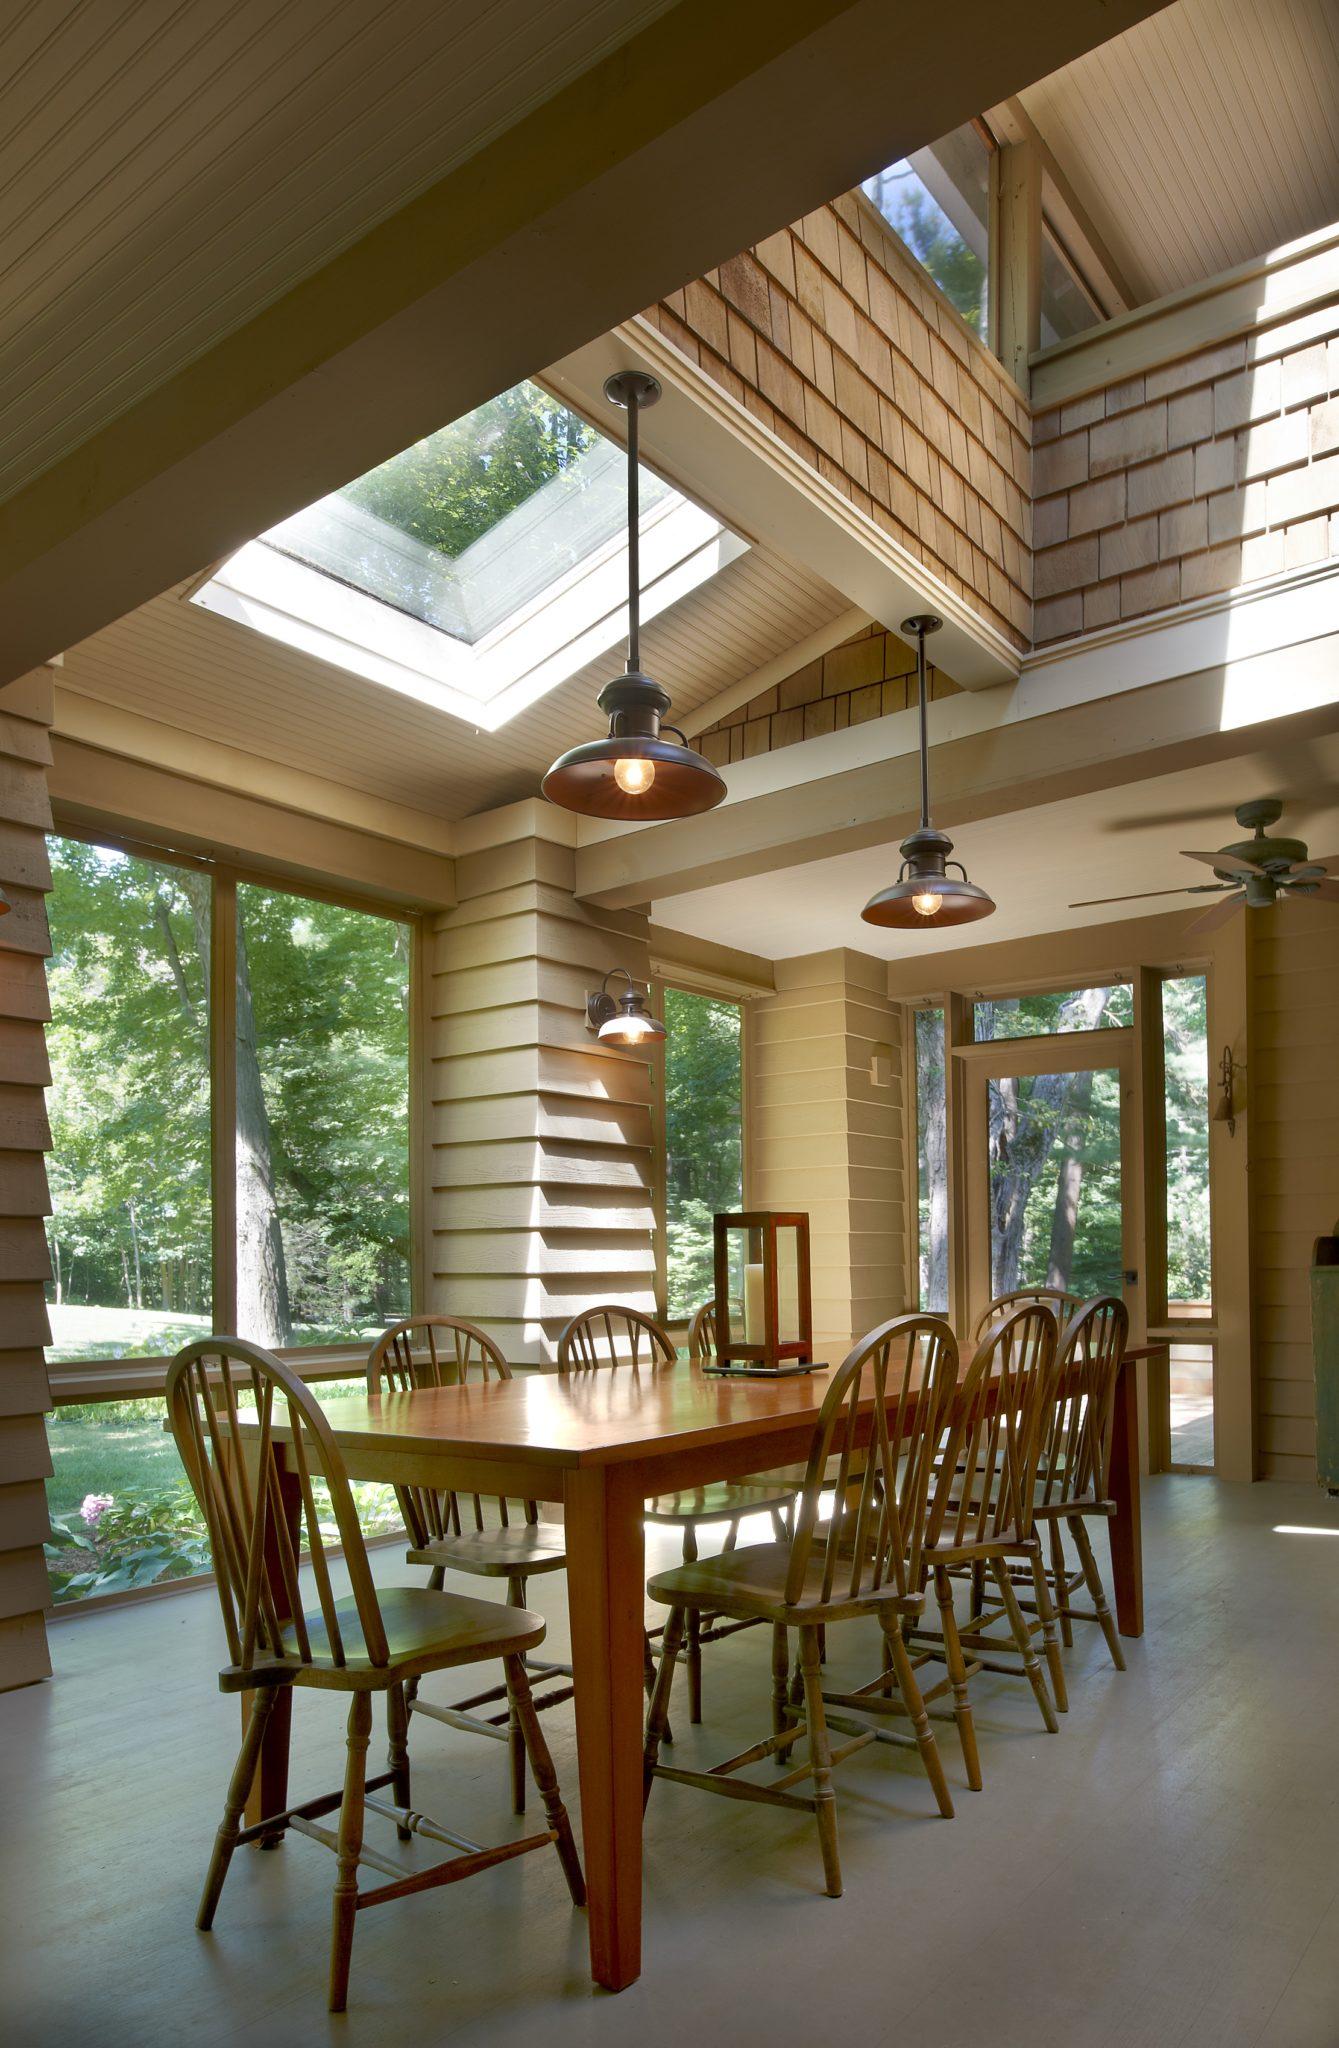 Architecture byGibbons, Fortman & Associates